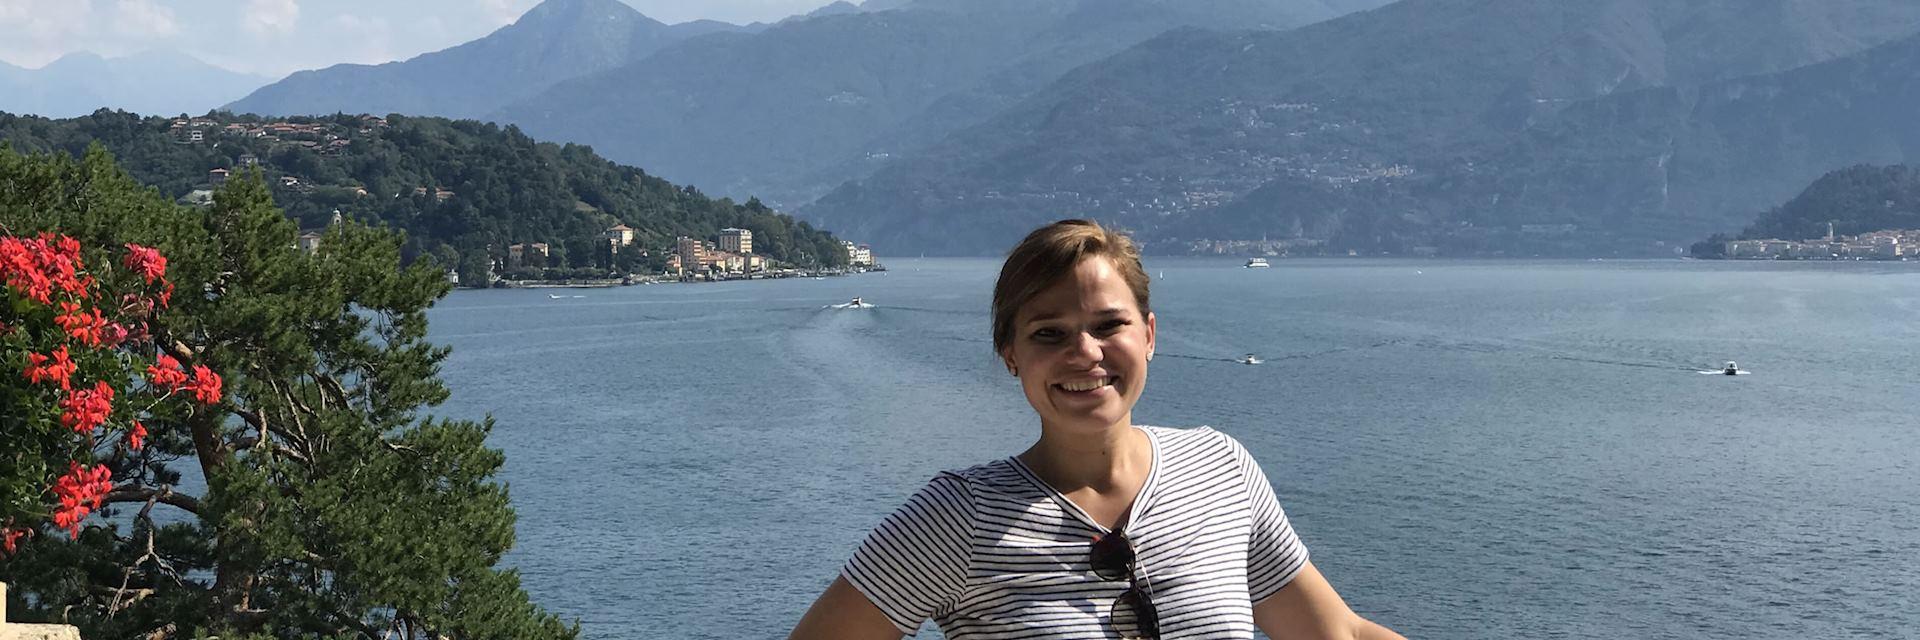 Elizabeth at Lake Como